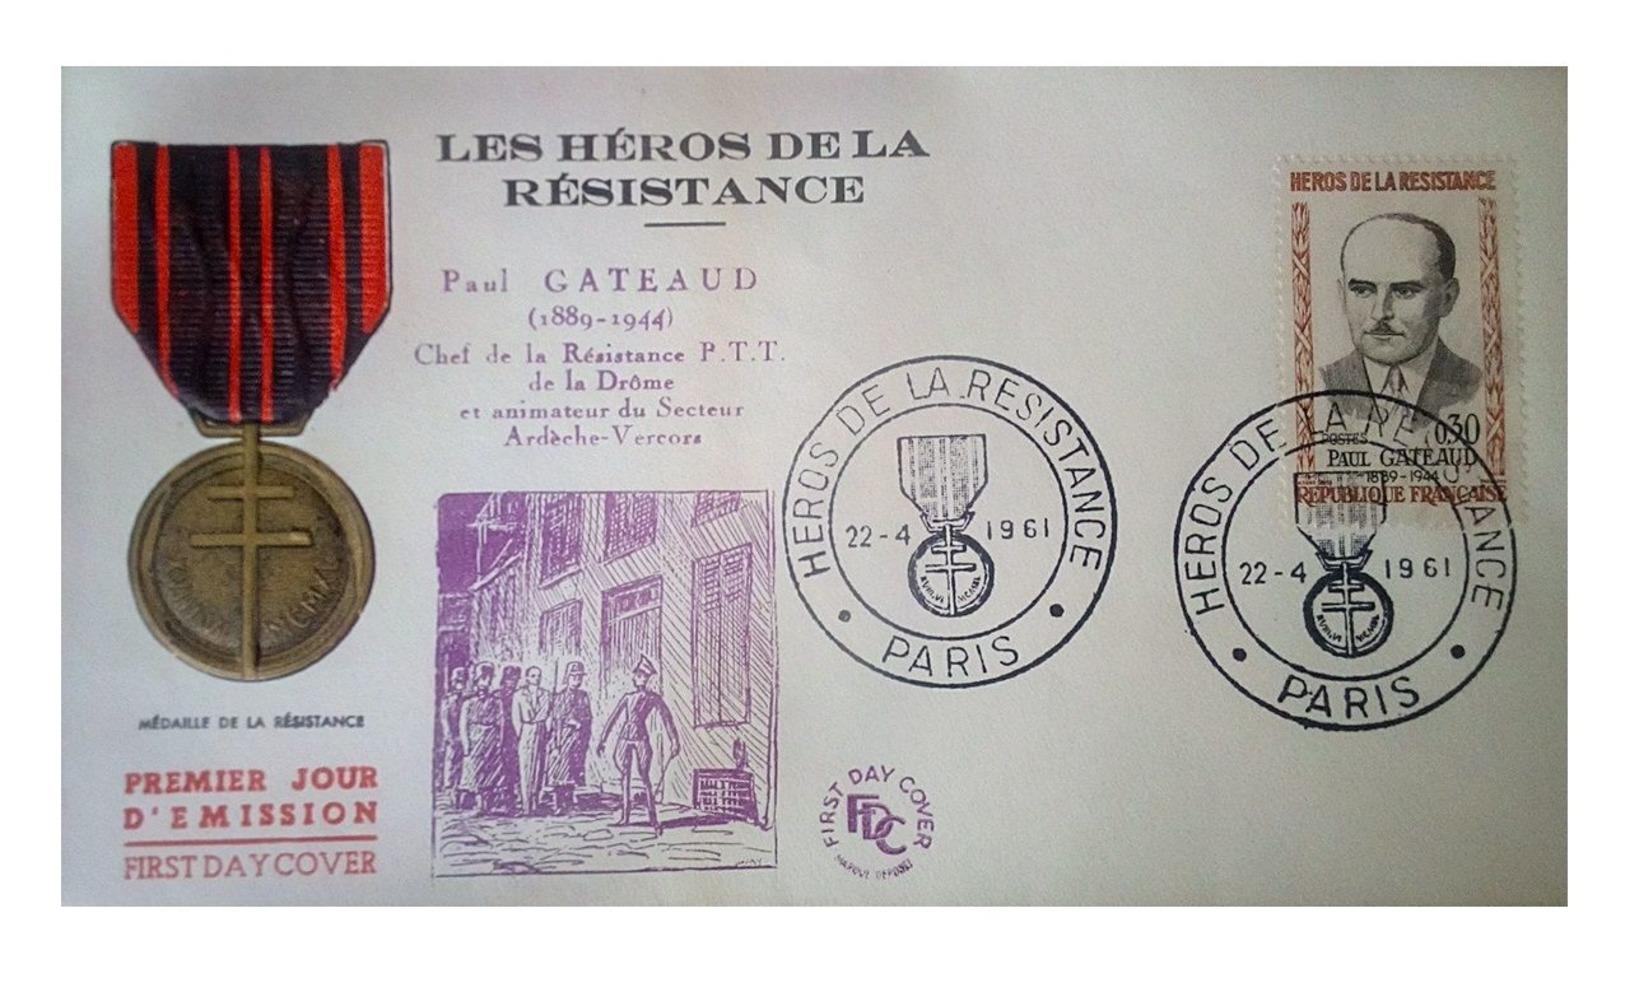 France 1961 1er Jour N° 1290 Médaille De La Résistance Paris Paul Gateaud  Héros De La Résistance, Né à Ozolles - 1960-1969